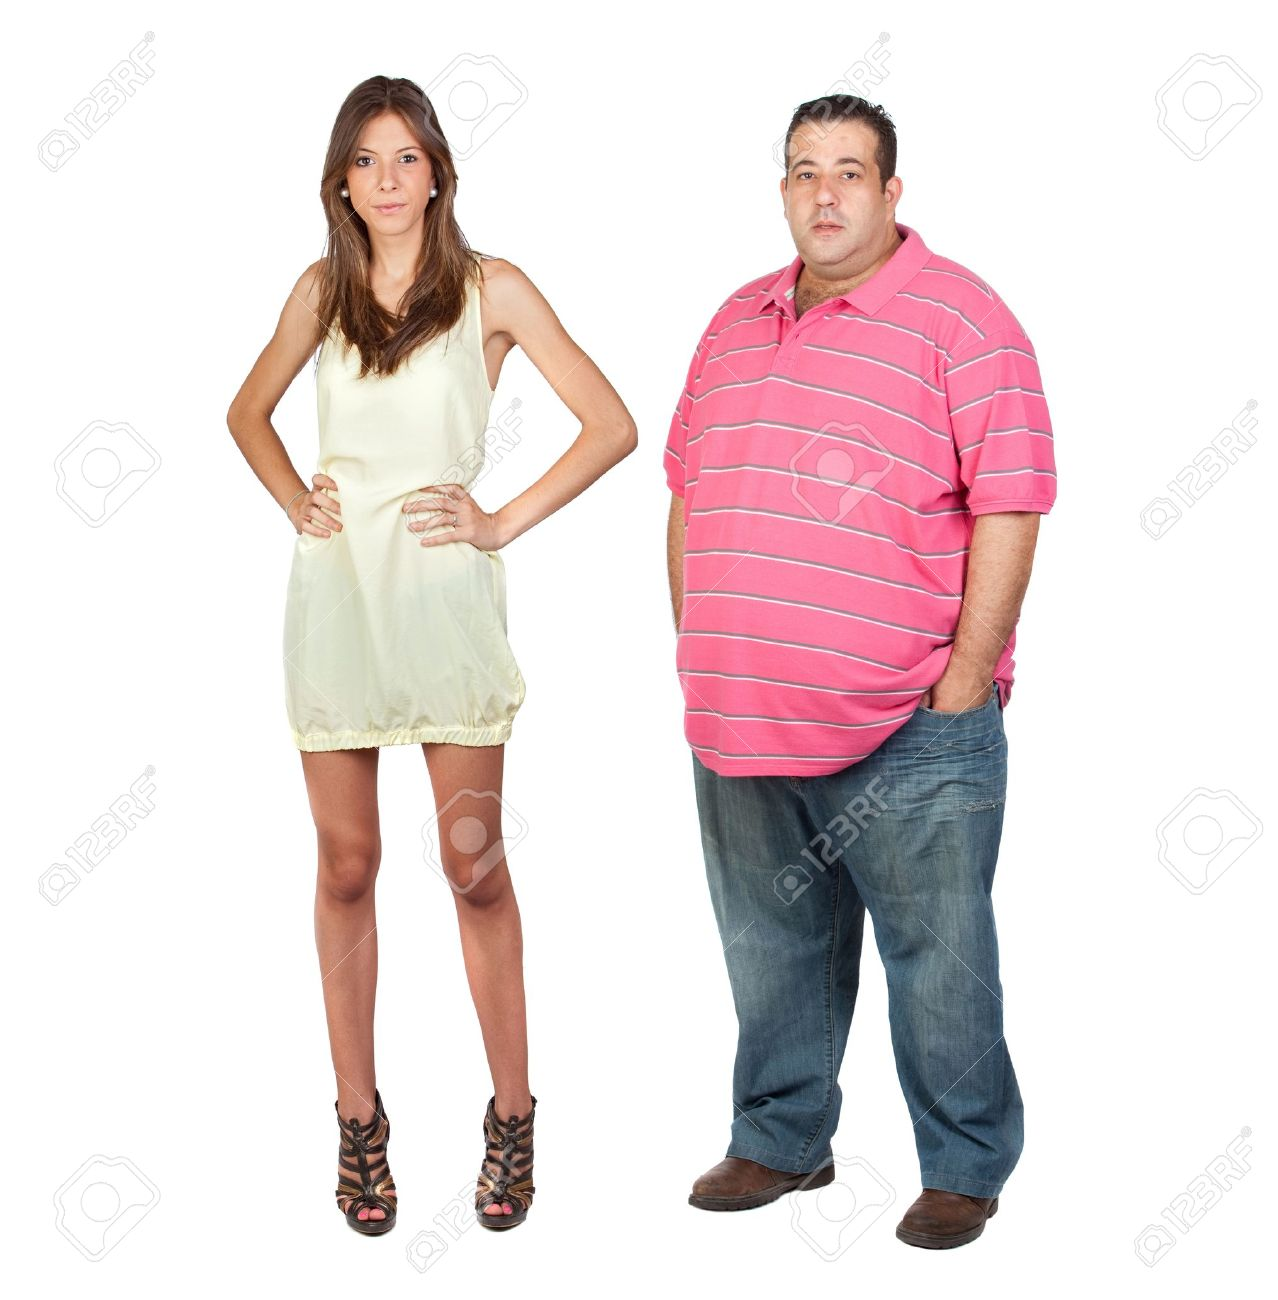 Толстая девушка и худой парень 8 фотография